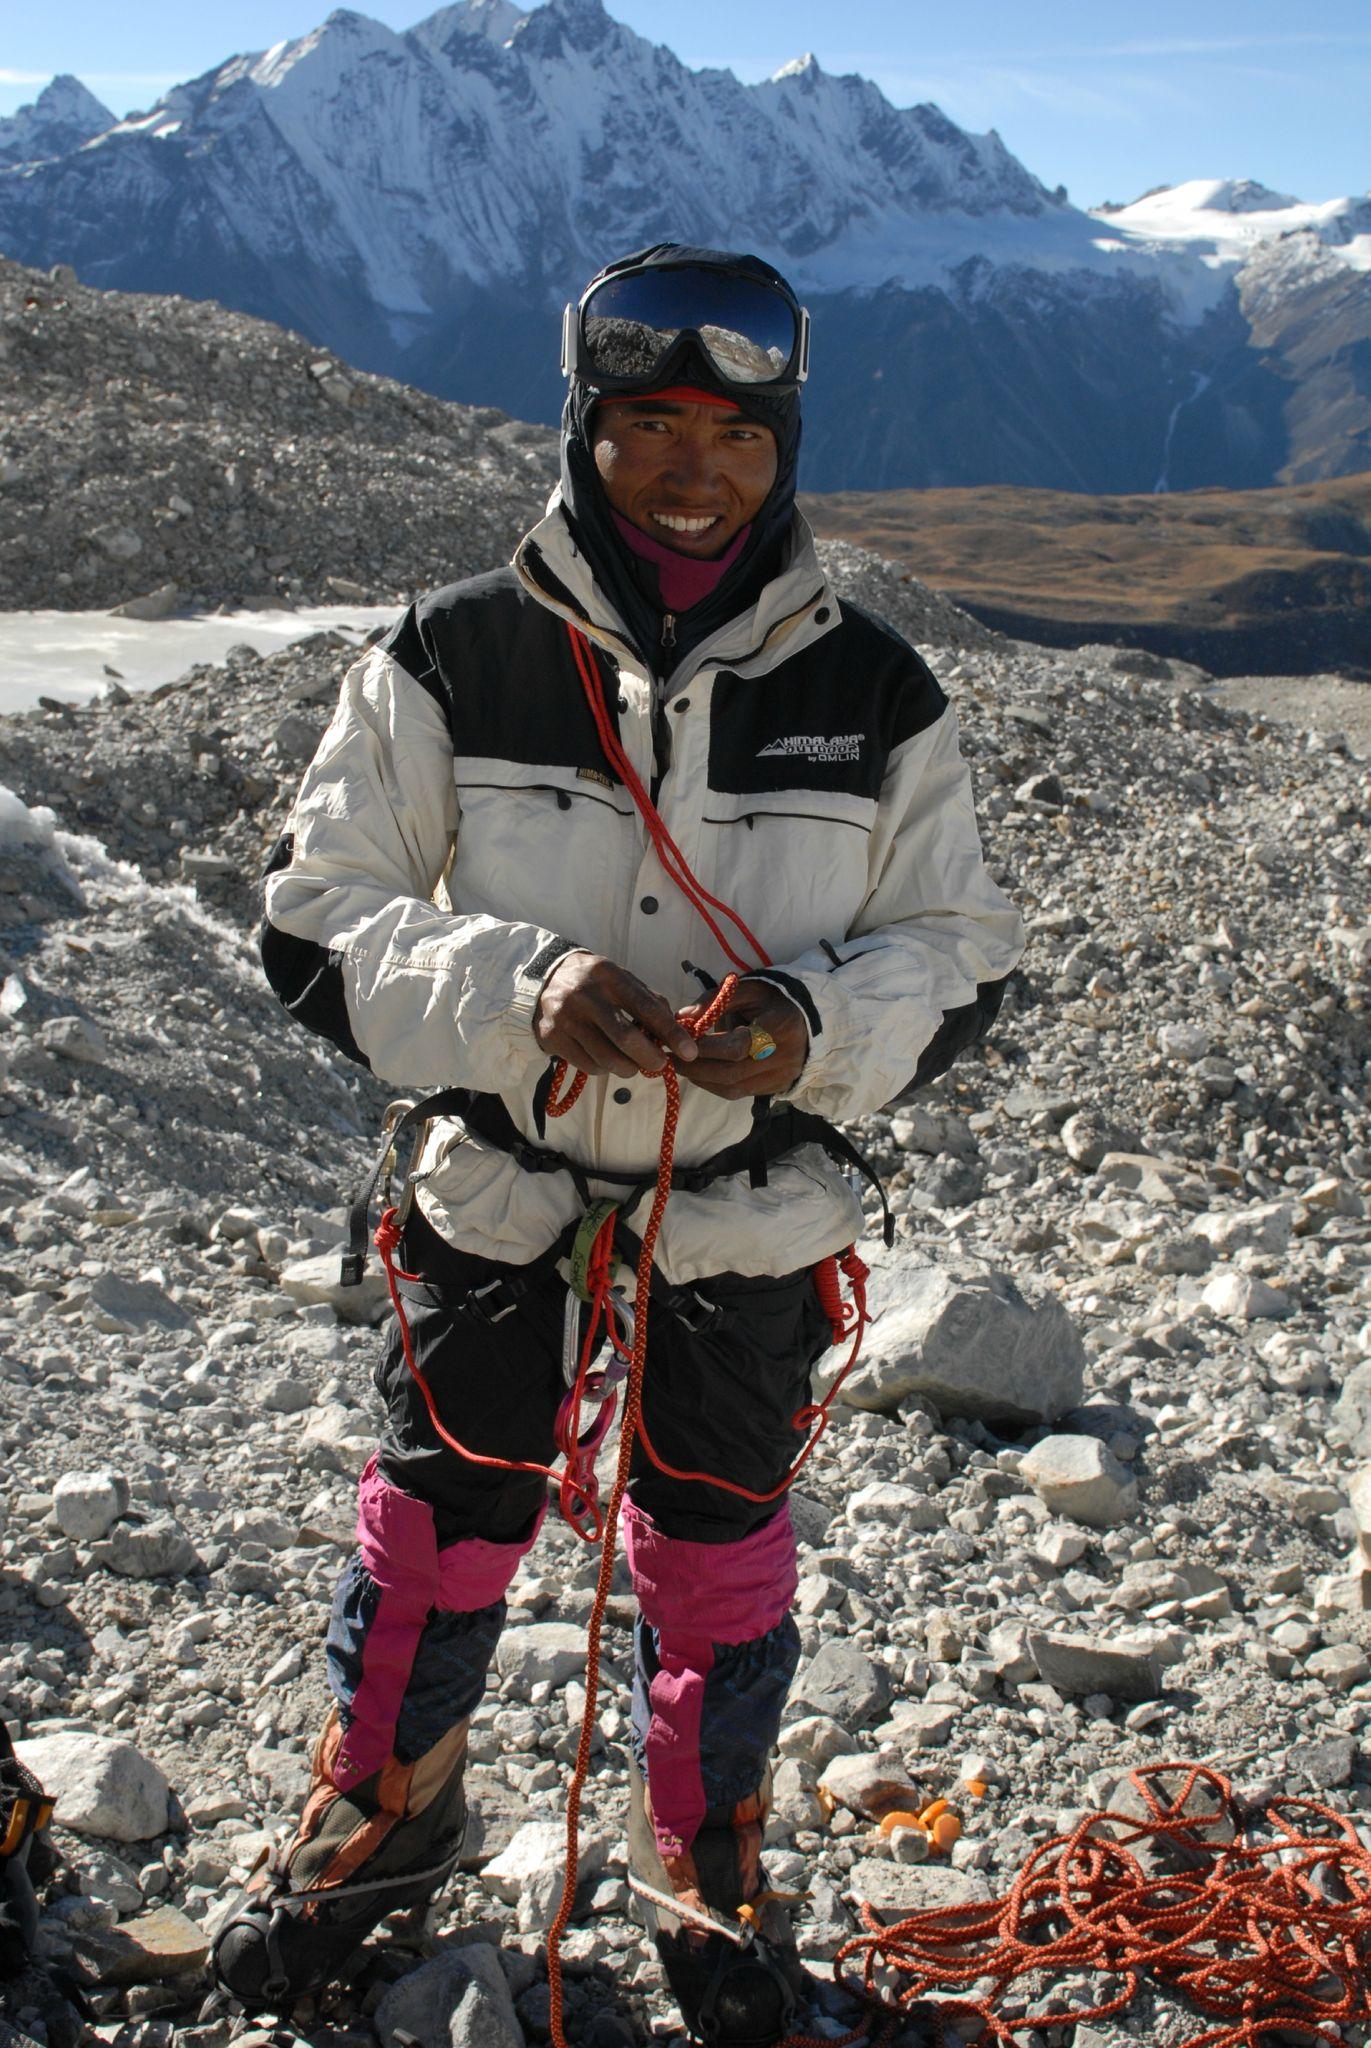 Tempa prêt pour l'ascension du Yala pic